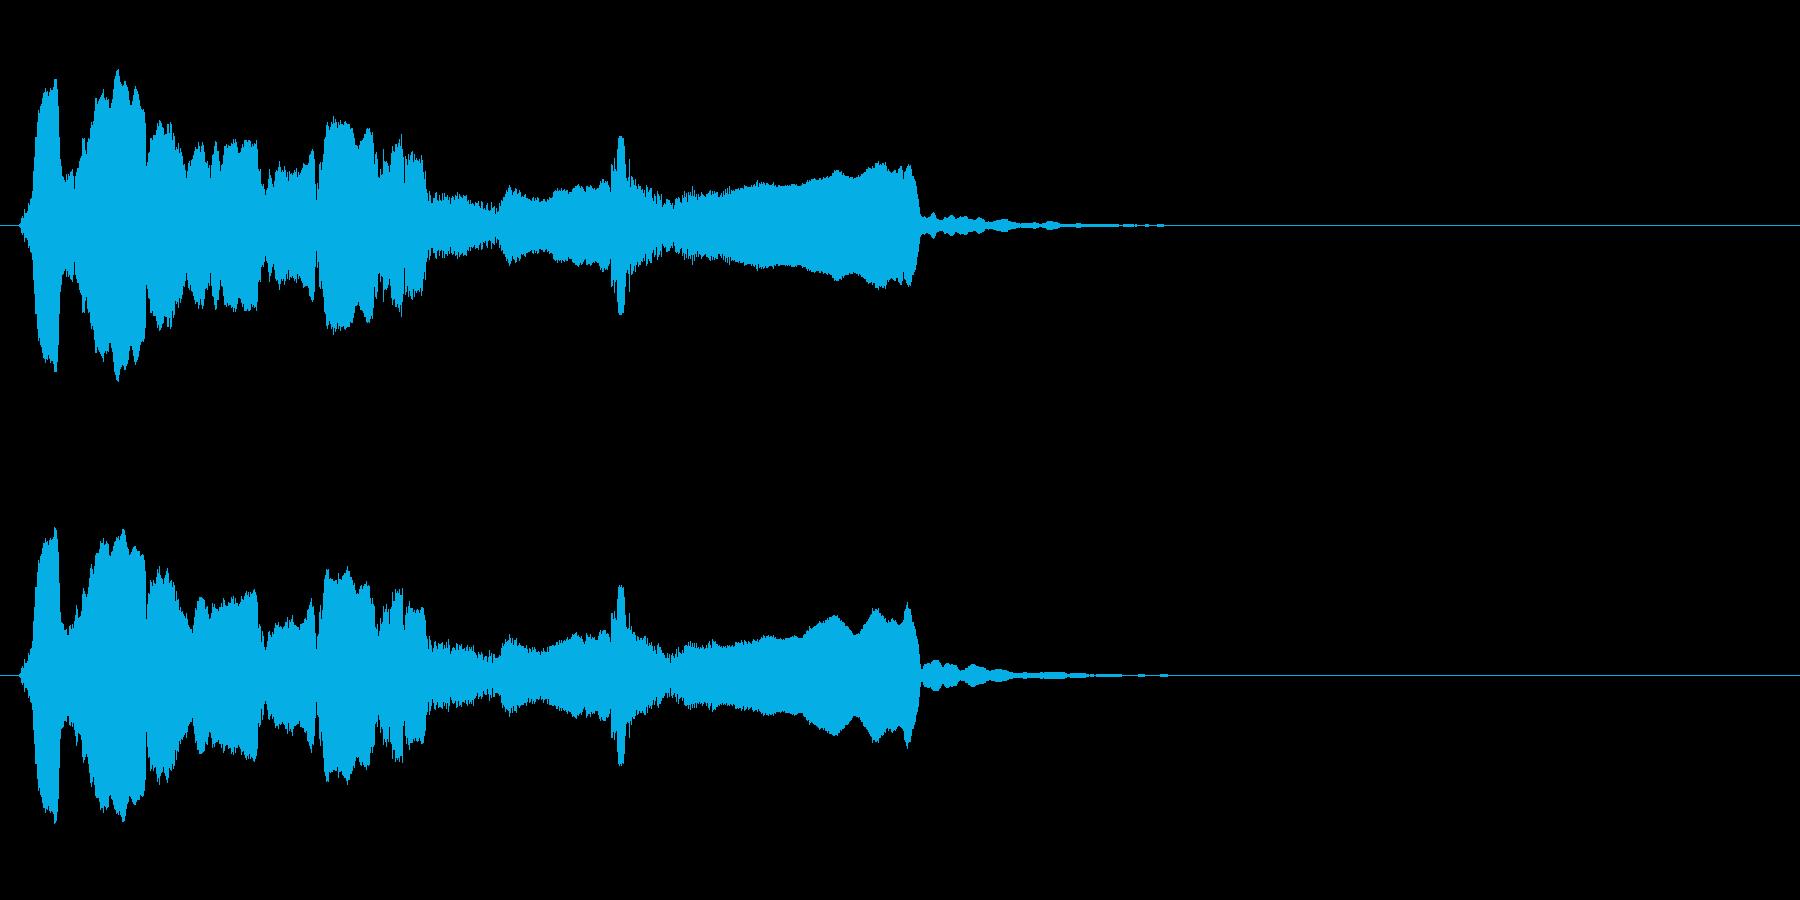 シンプルな終幕◆篠笛生演奏の和風効果音の再生済みの波形